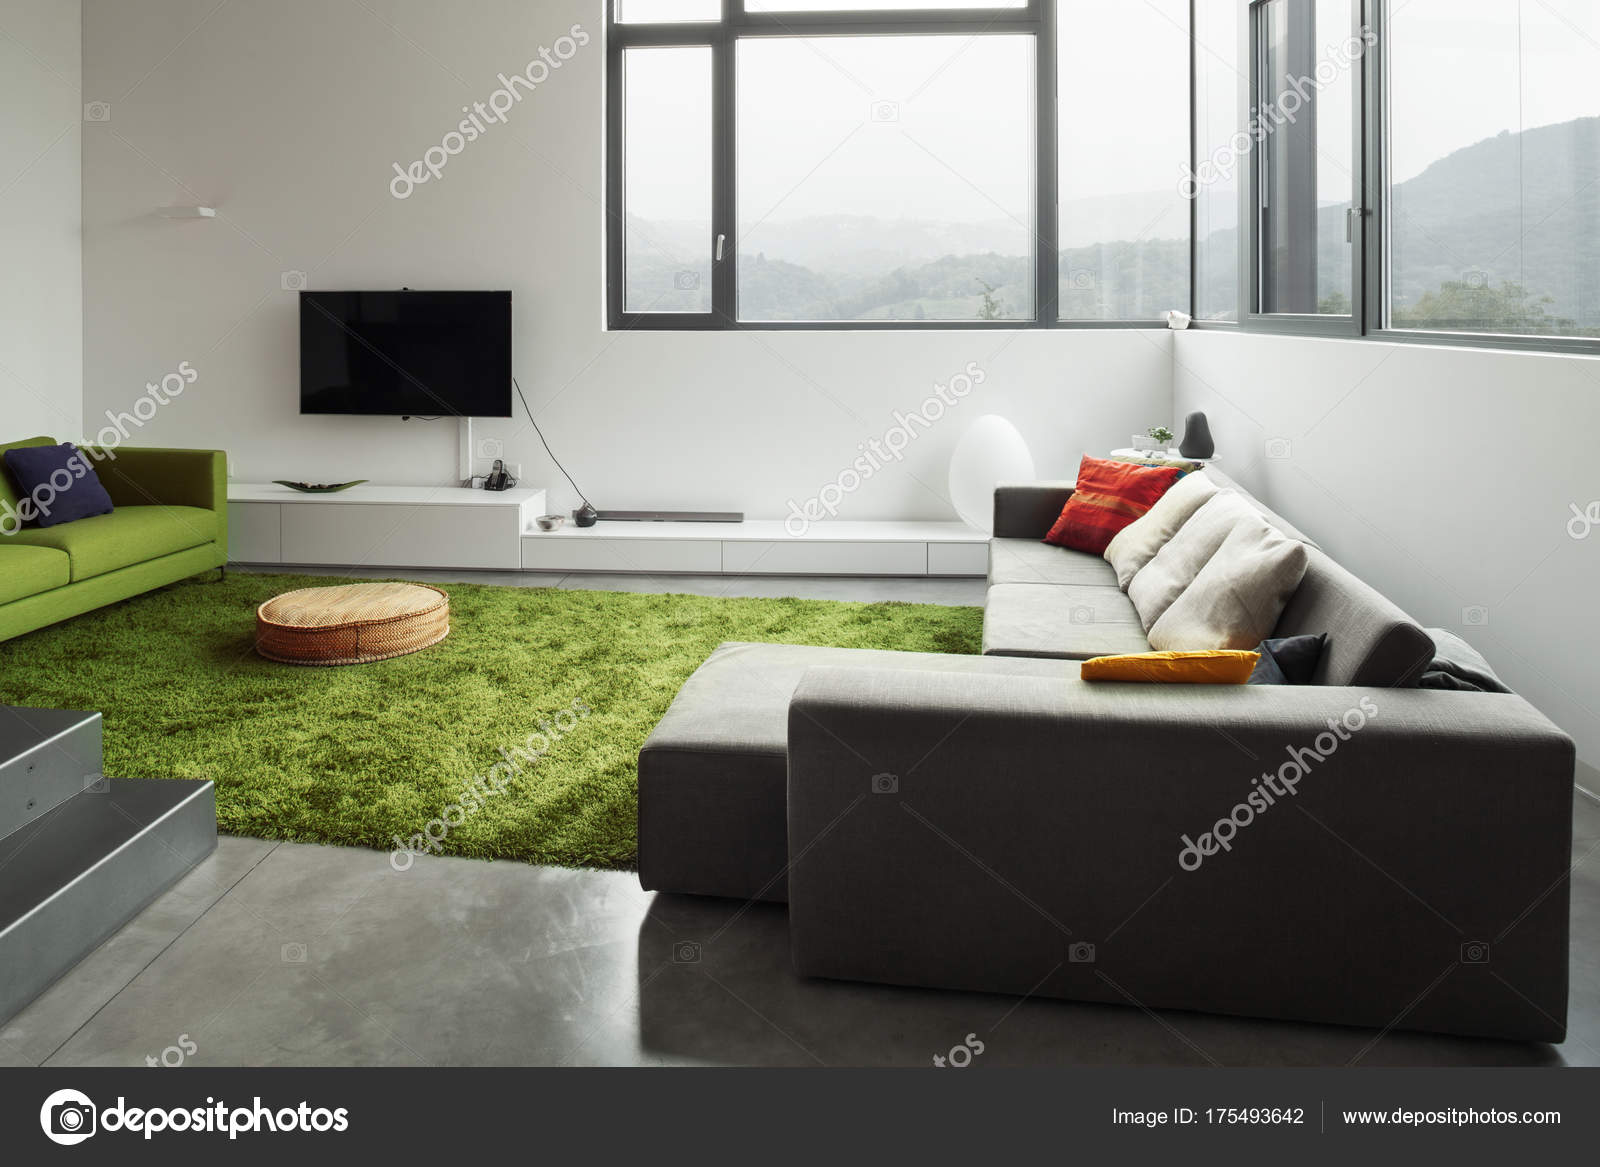 Innenraum der moderne Villa, Wohnzimmer — Stockfoto © Zveiger #175493642